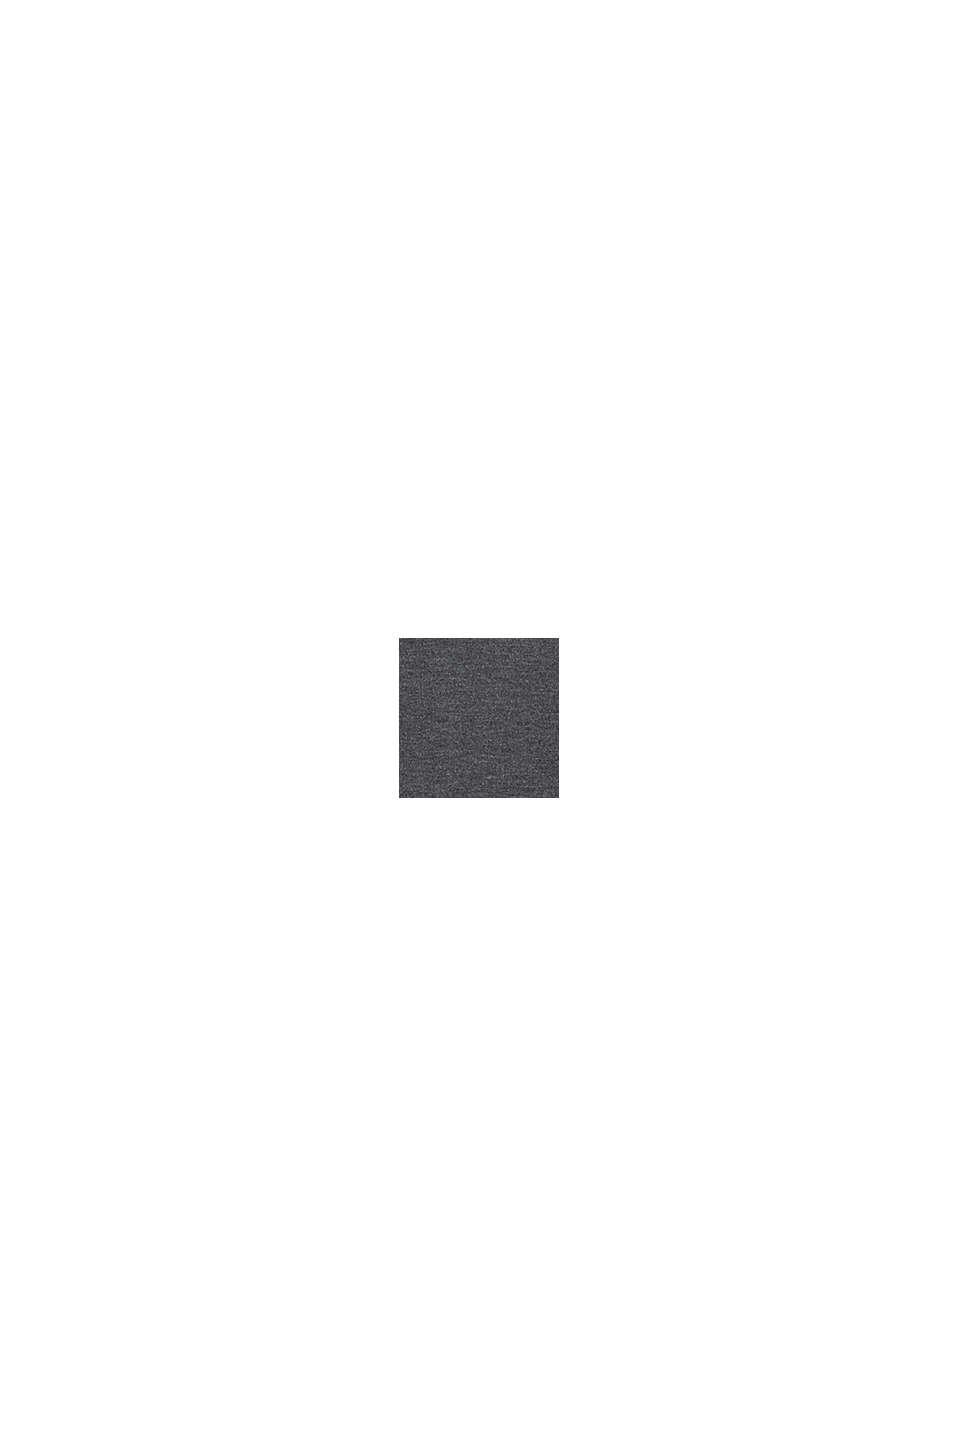 Longsleeve in colour block look met opstaande kraag, ANTHRACITE, swatch